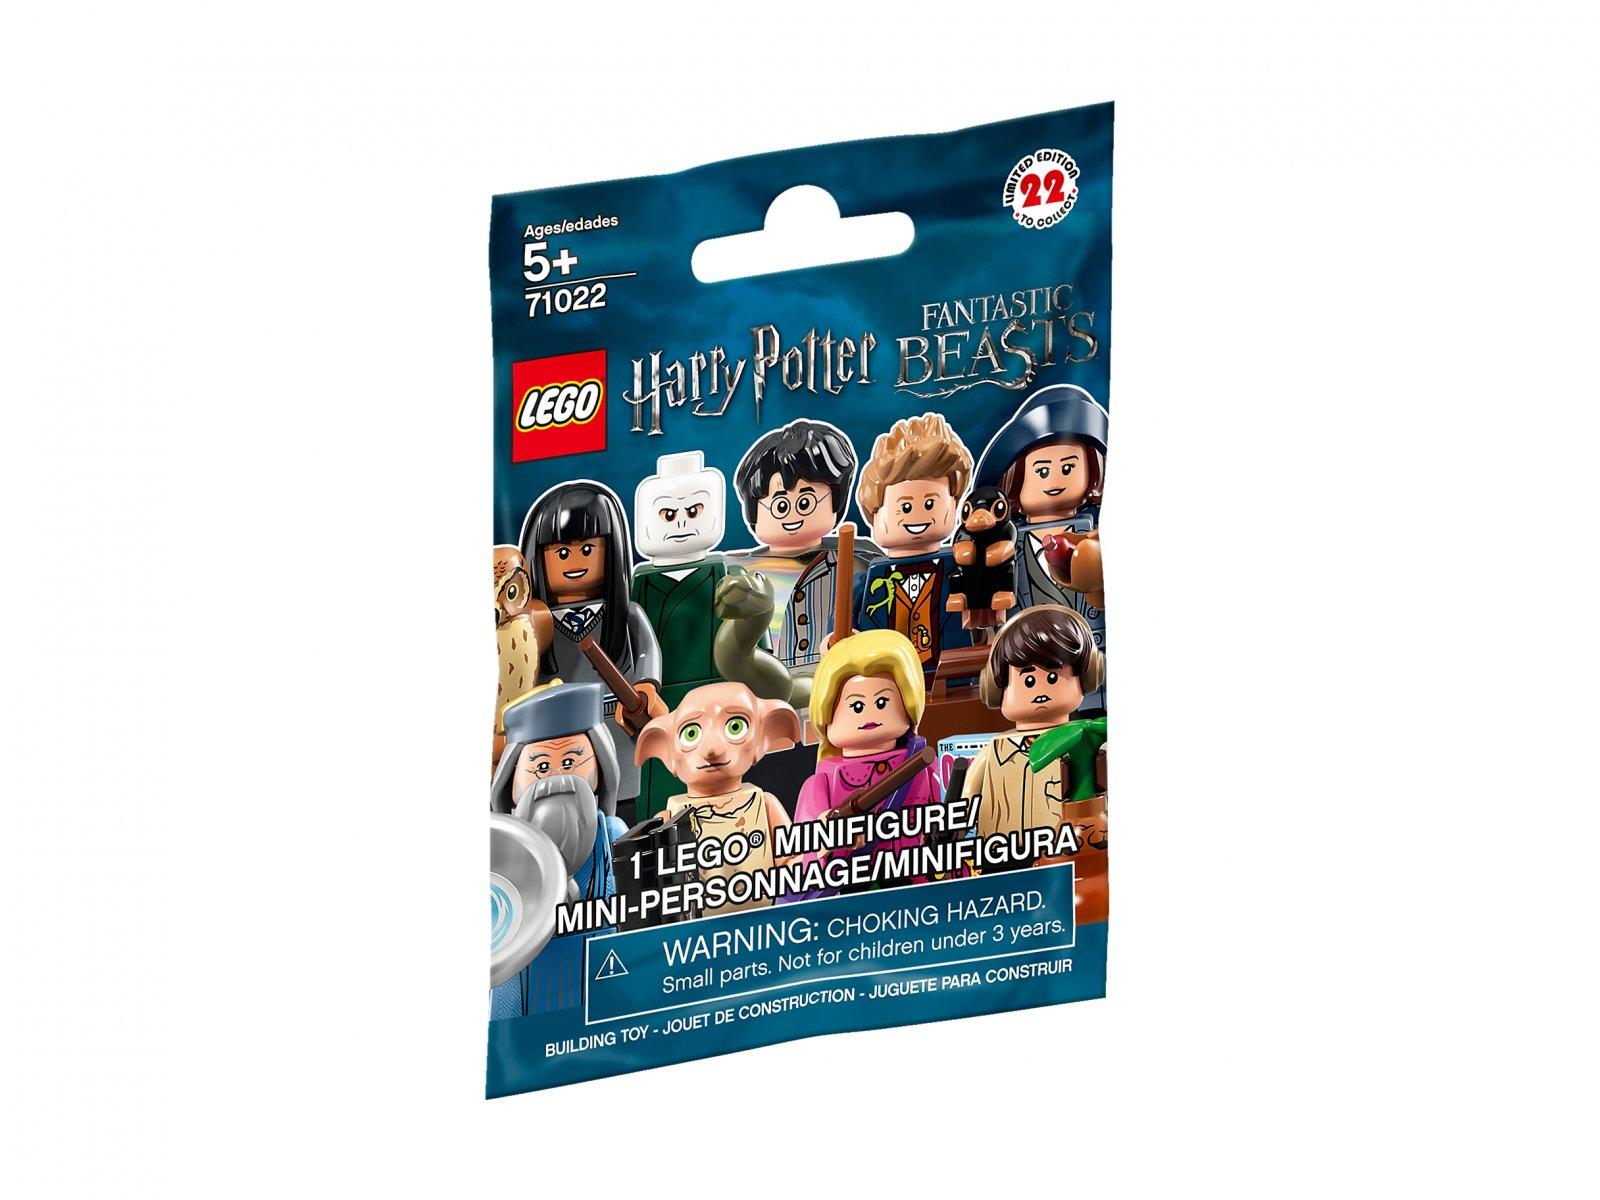 LEGO 71022 Minifigurki Harry Potter™ i Fantastyczne zwierzęta™